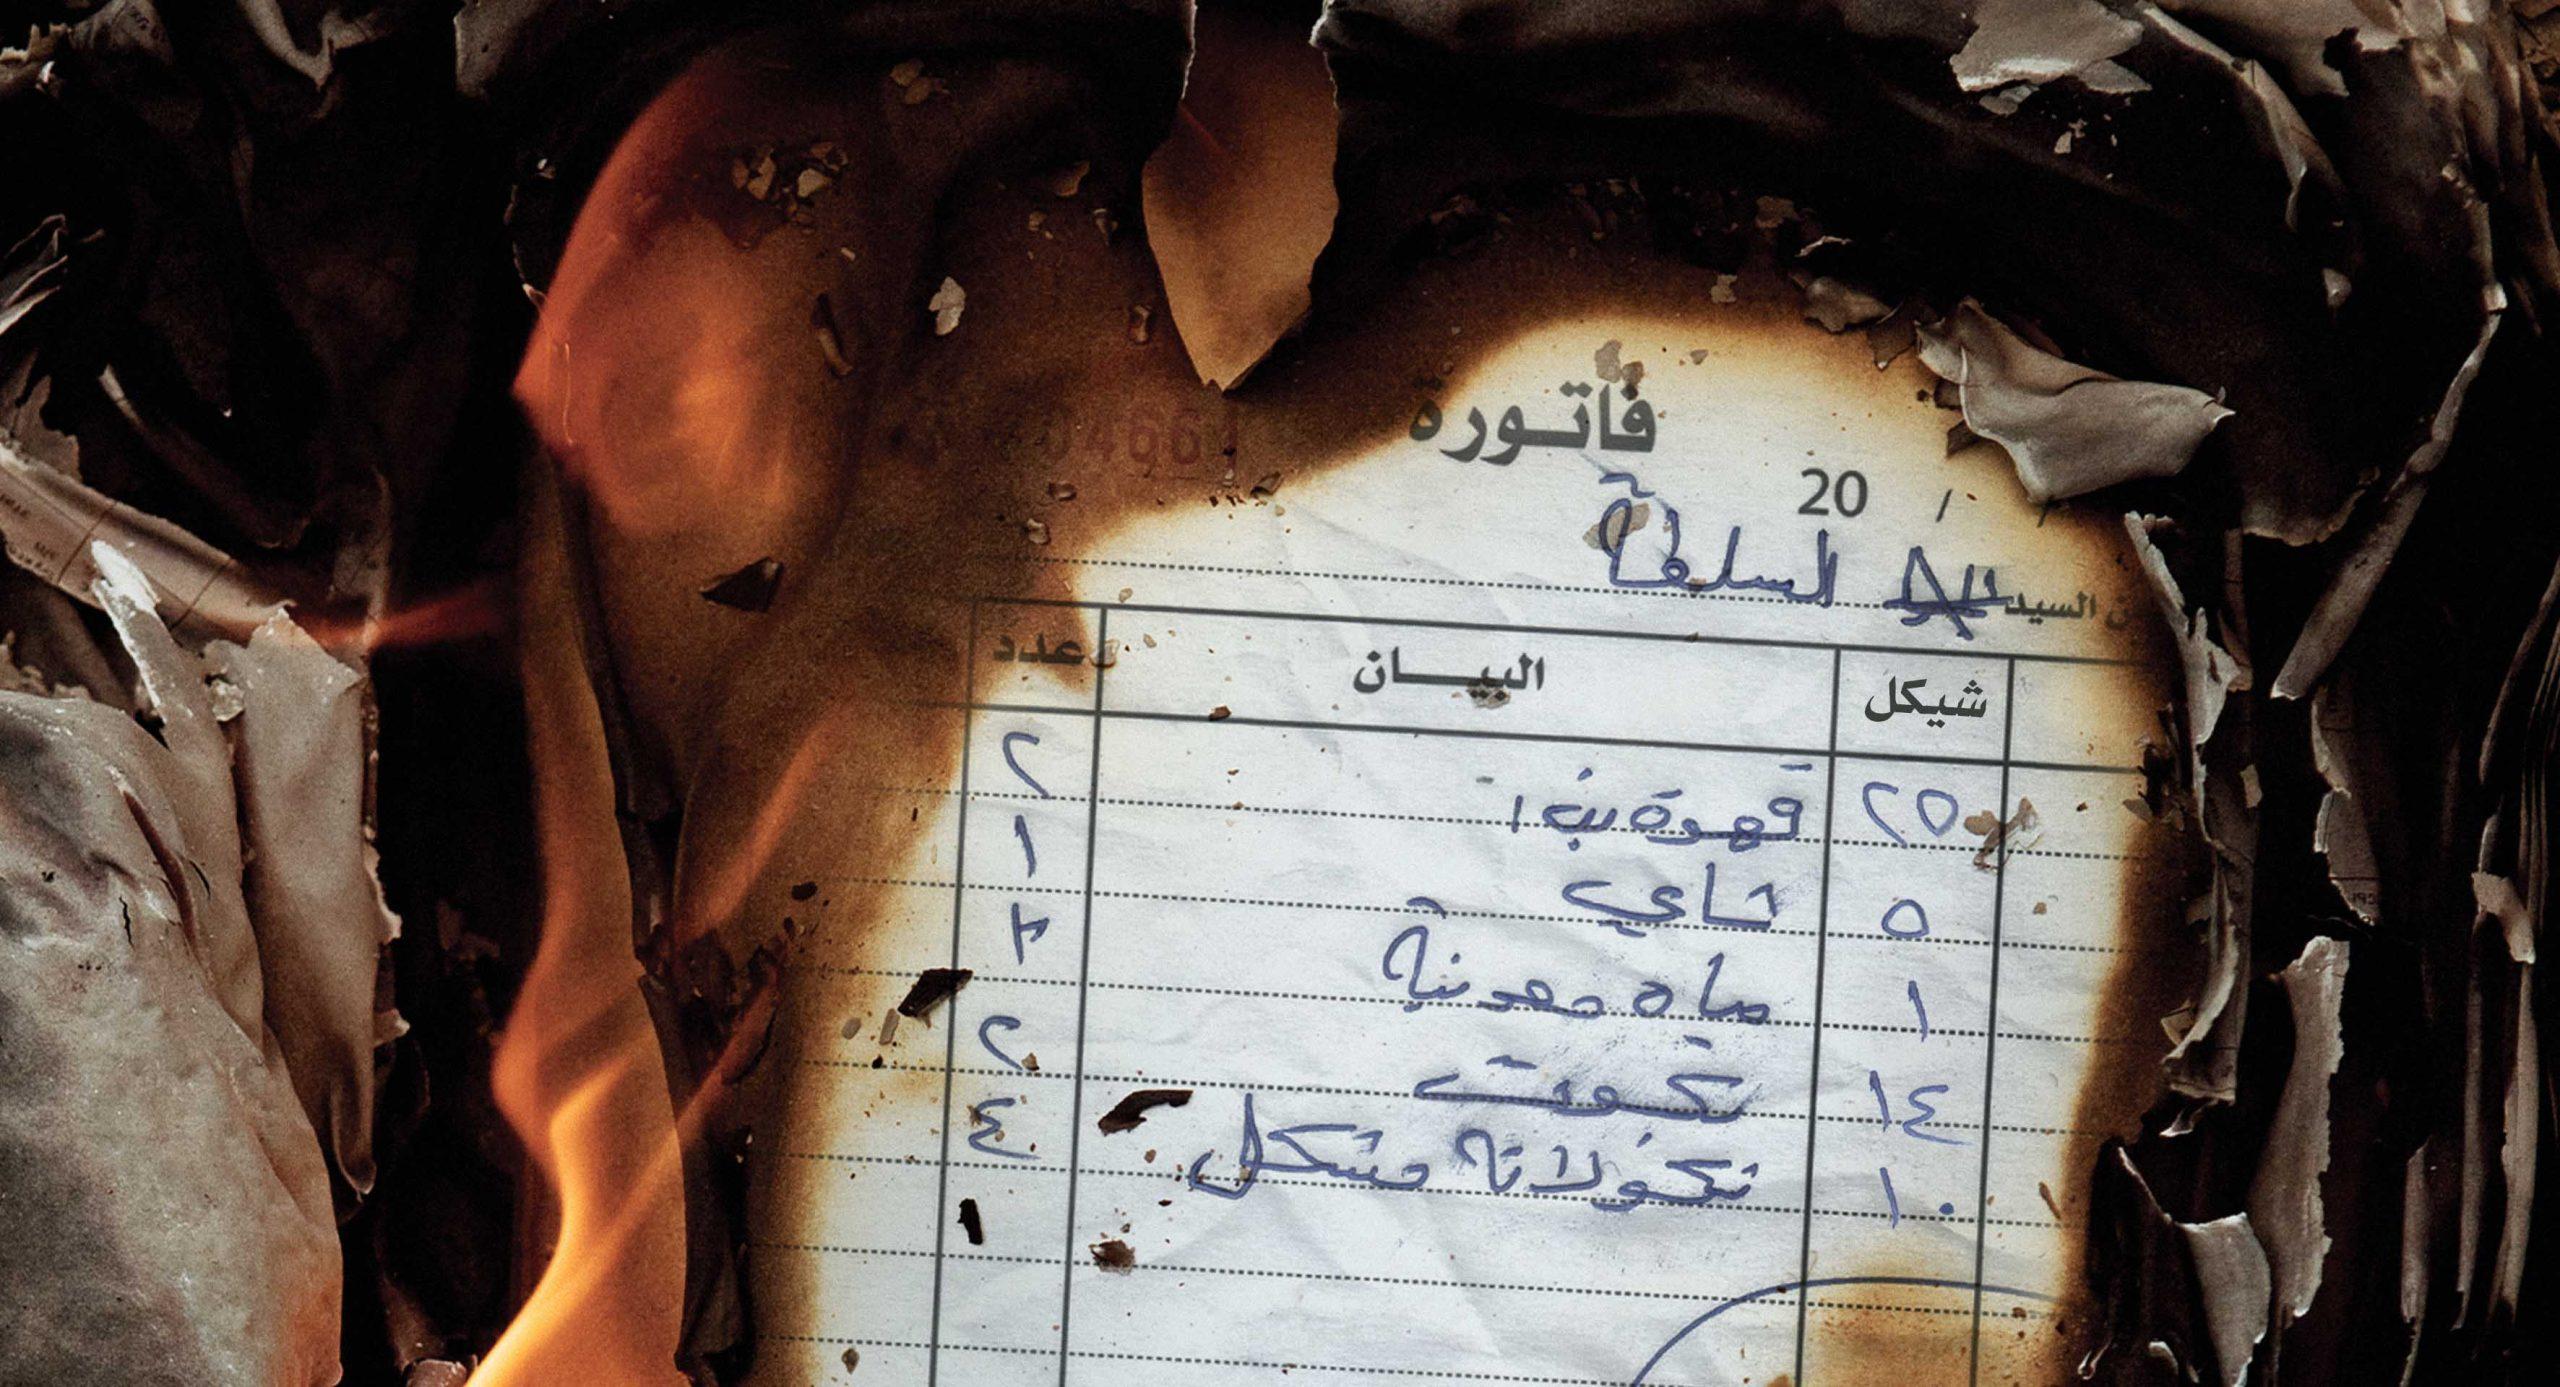 صورة السلطة الفلسطينية تحتاط من اجتياح إسرائيلي جديد وتتلف وثائق سرية أهمها فواتير القهوة والشاي